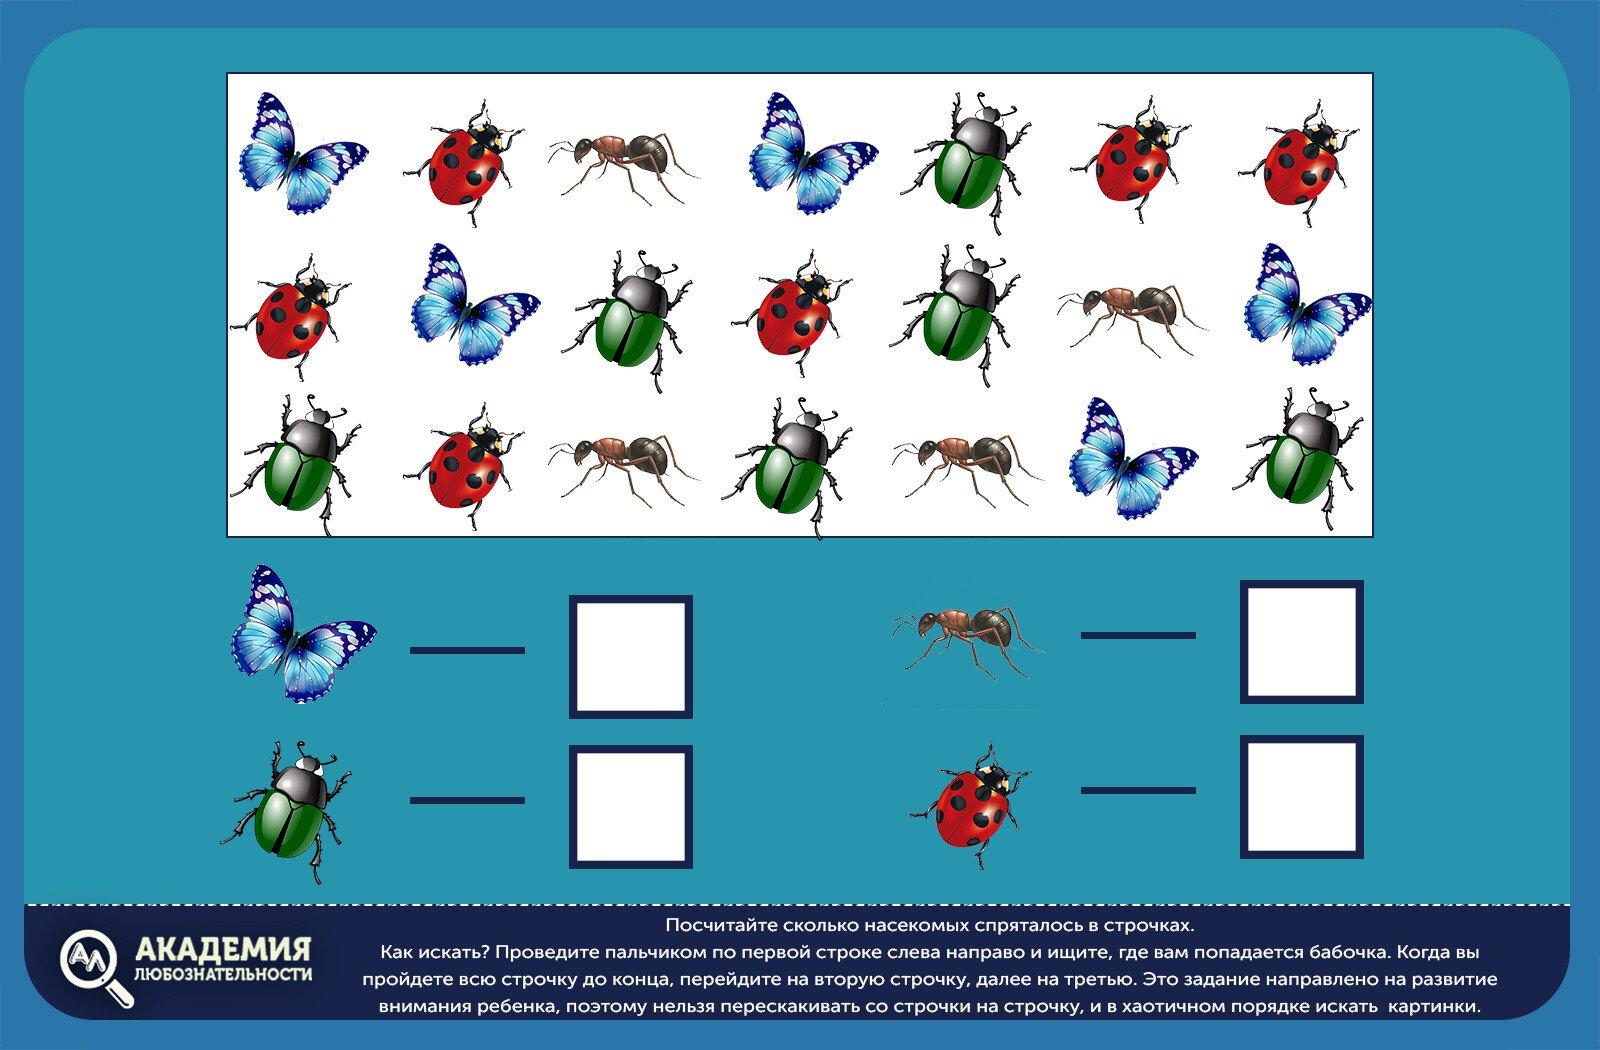 Задание для детей сколько насекомых спряталось в строчках